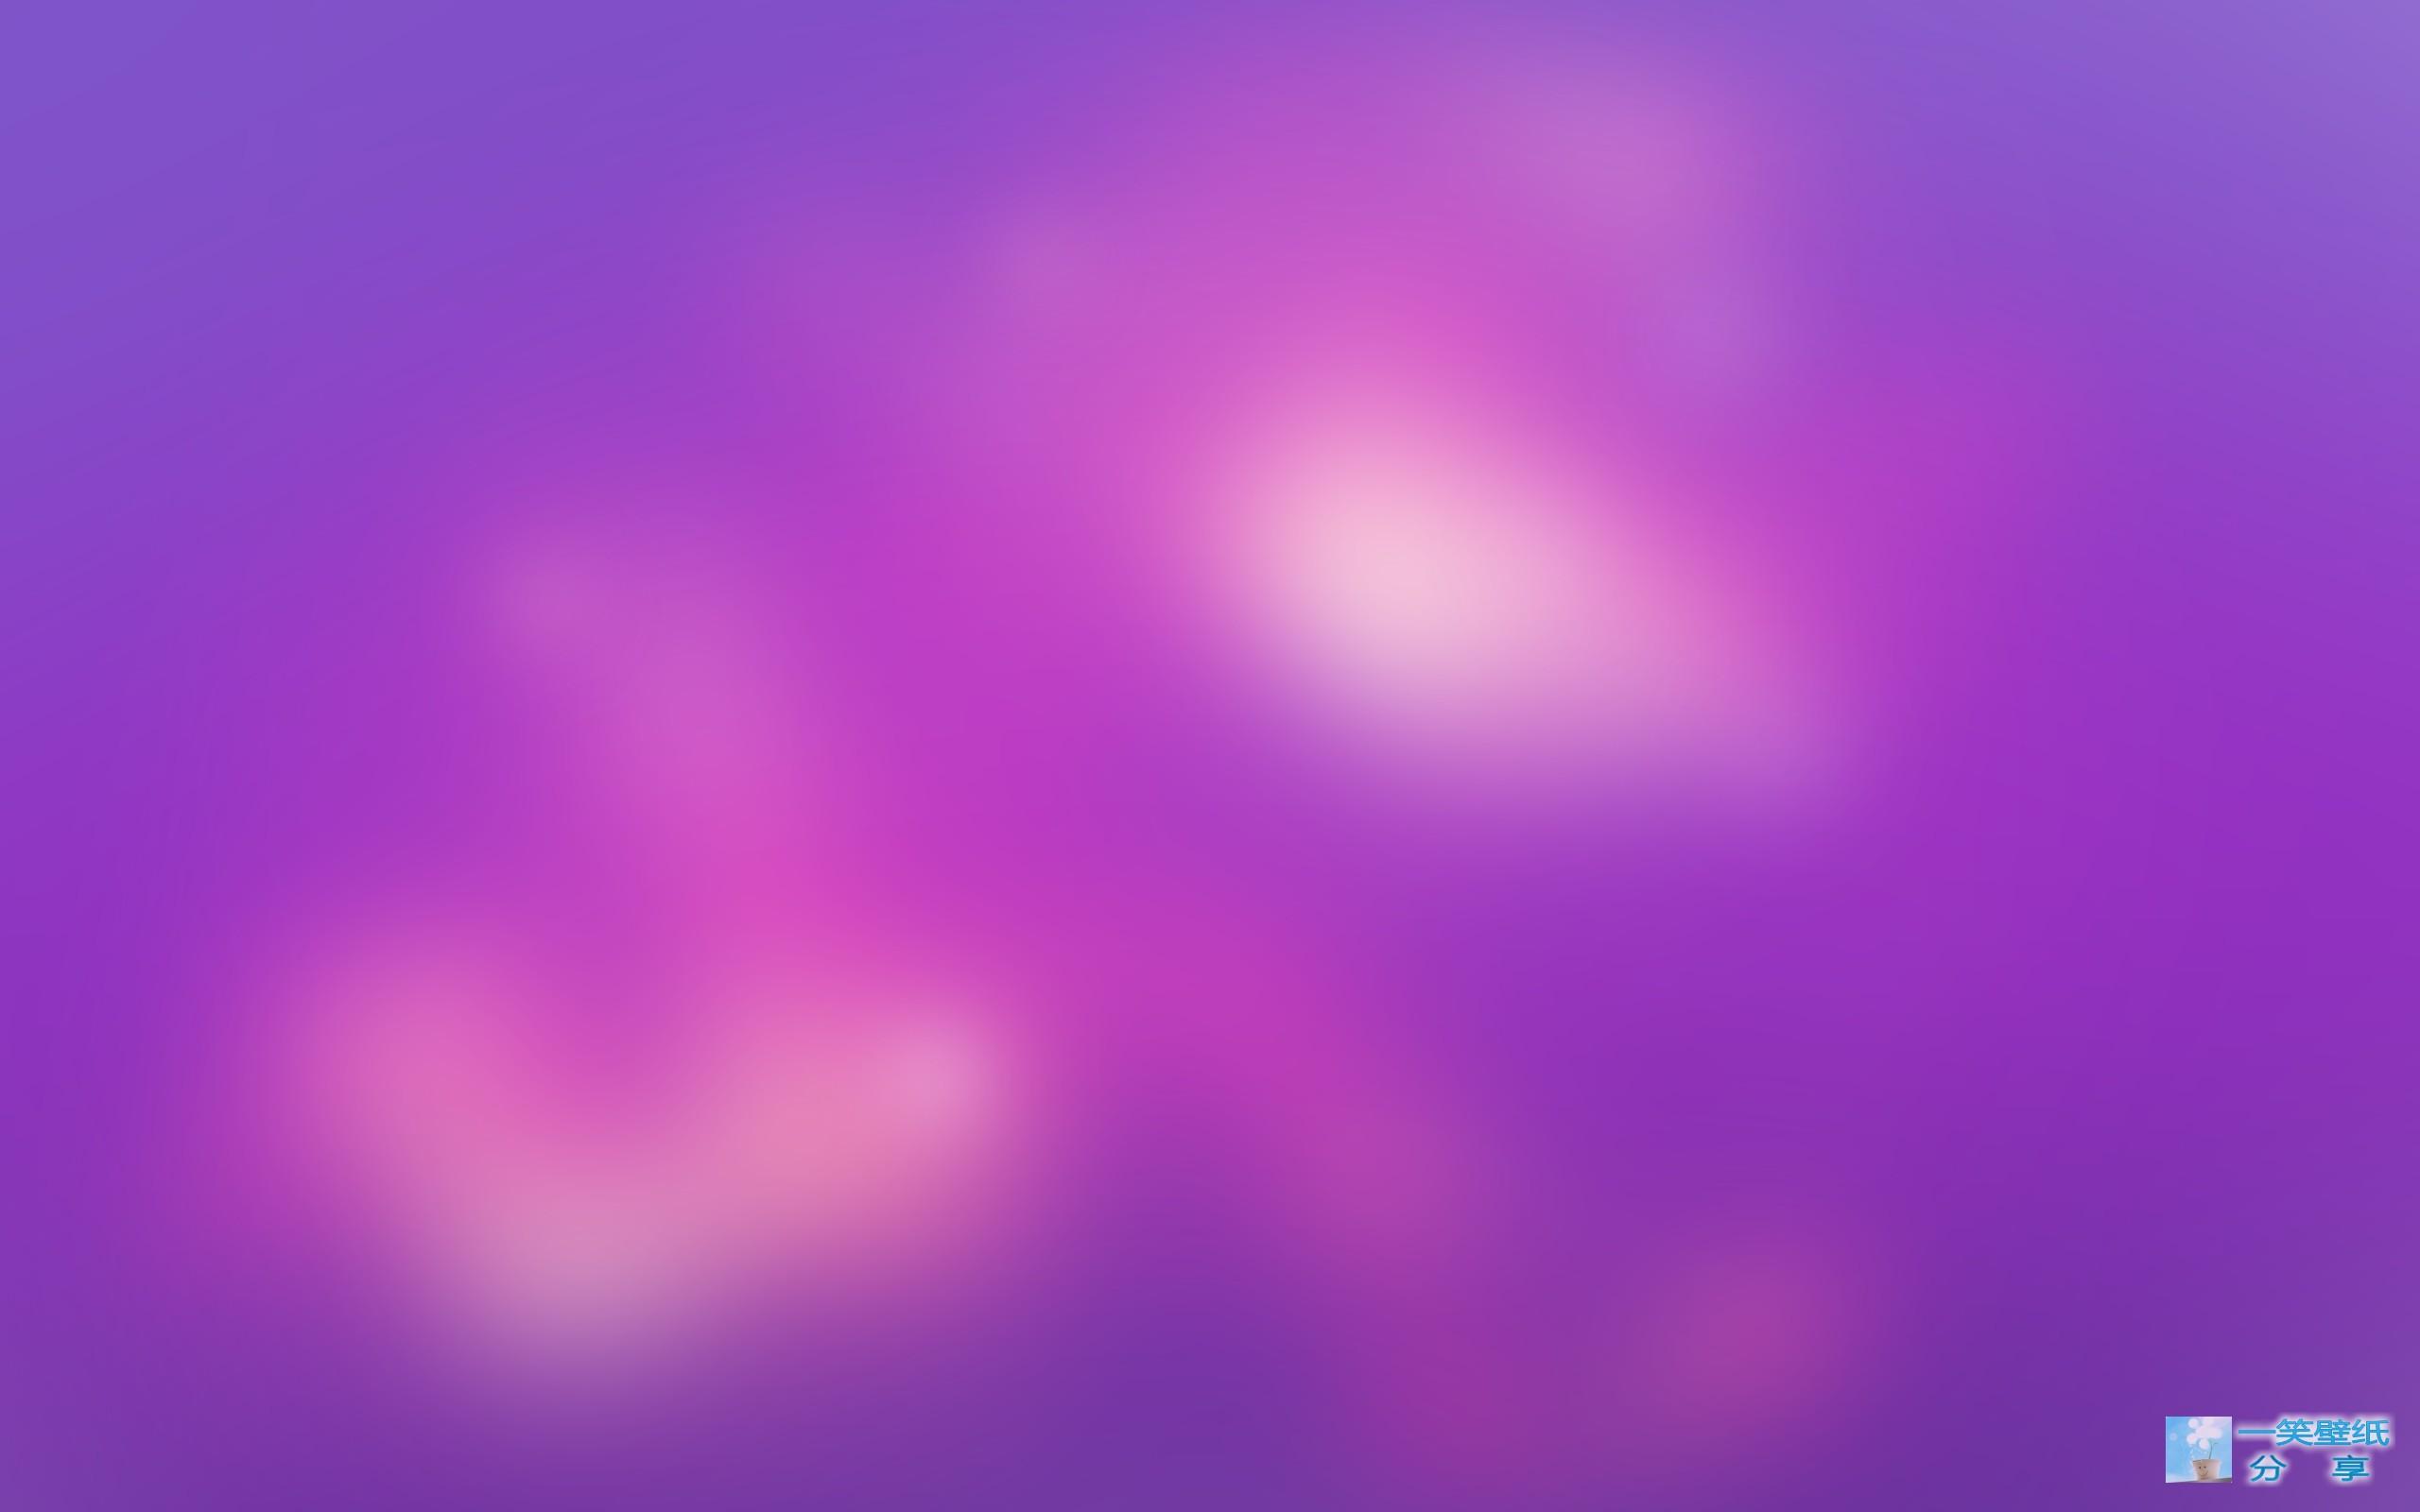 背景 壁纸 风景 皮肤 天空 星空 宇宙 桌面 2560_1600